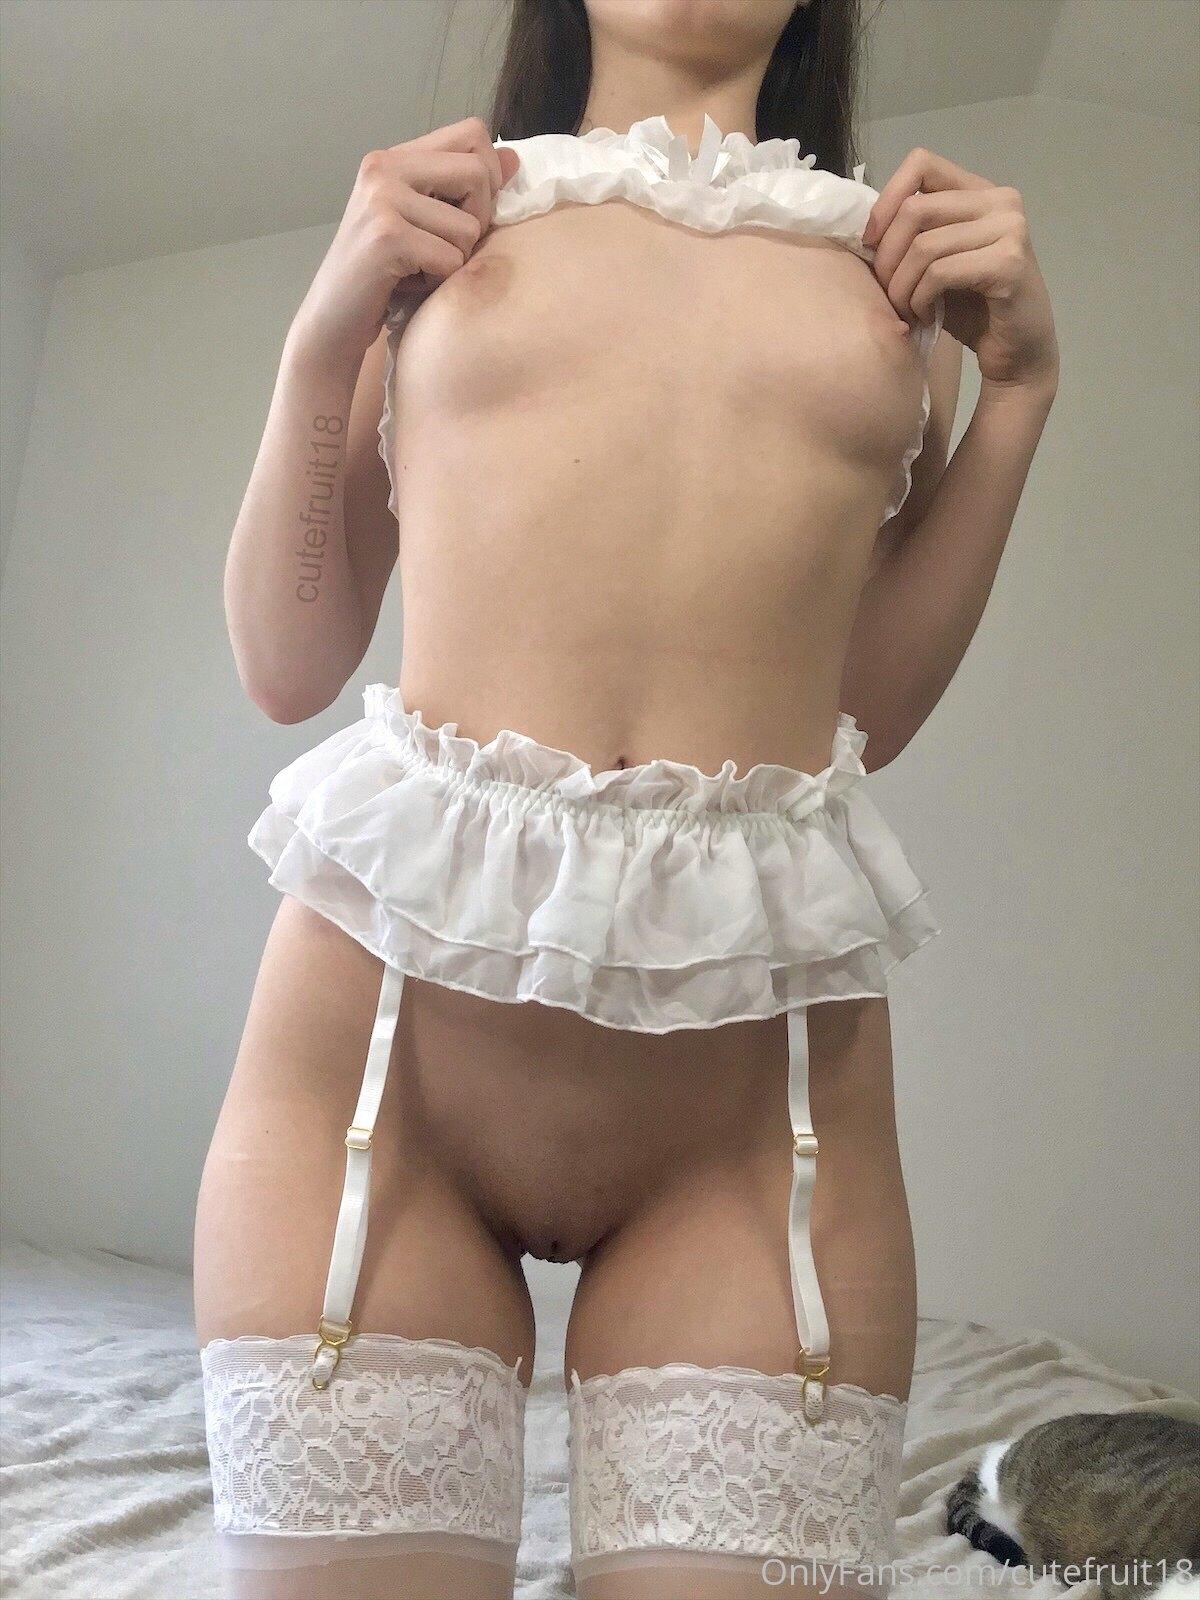 Rita, Cutefruit18, Onlyfans 0077